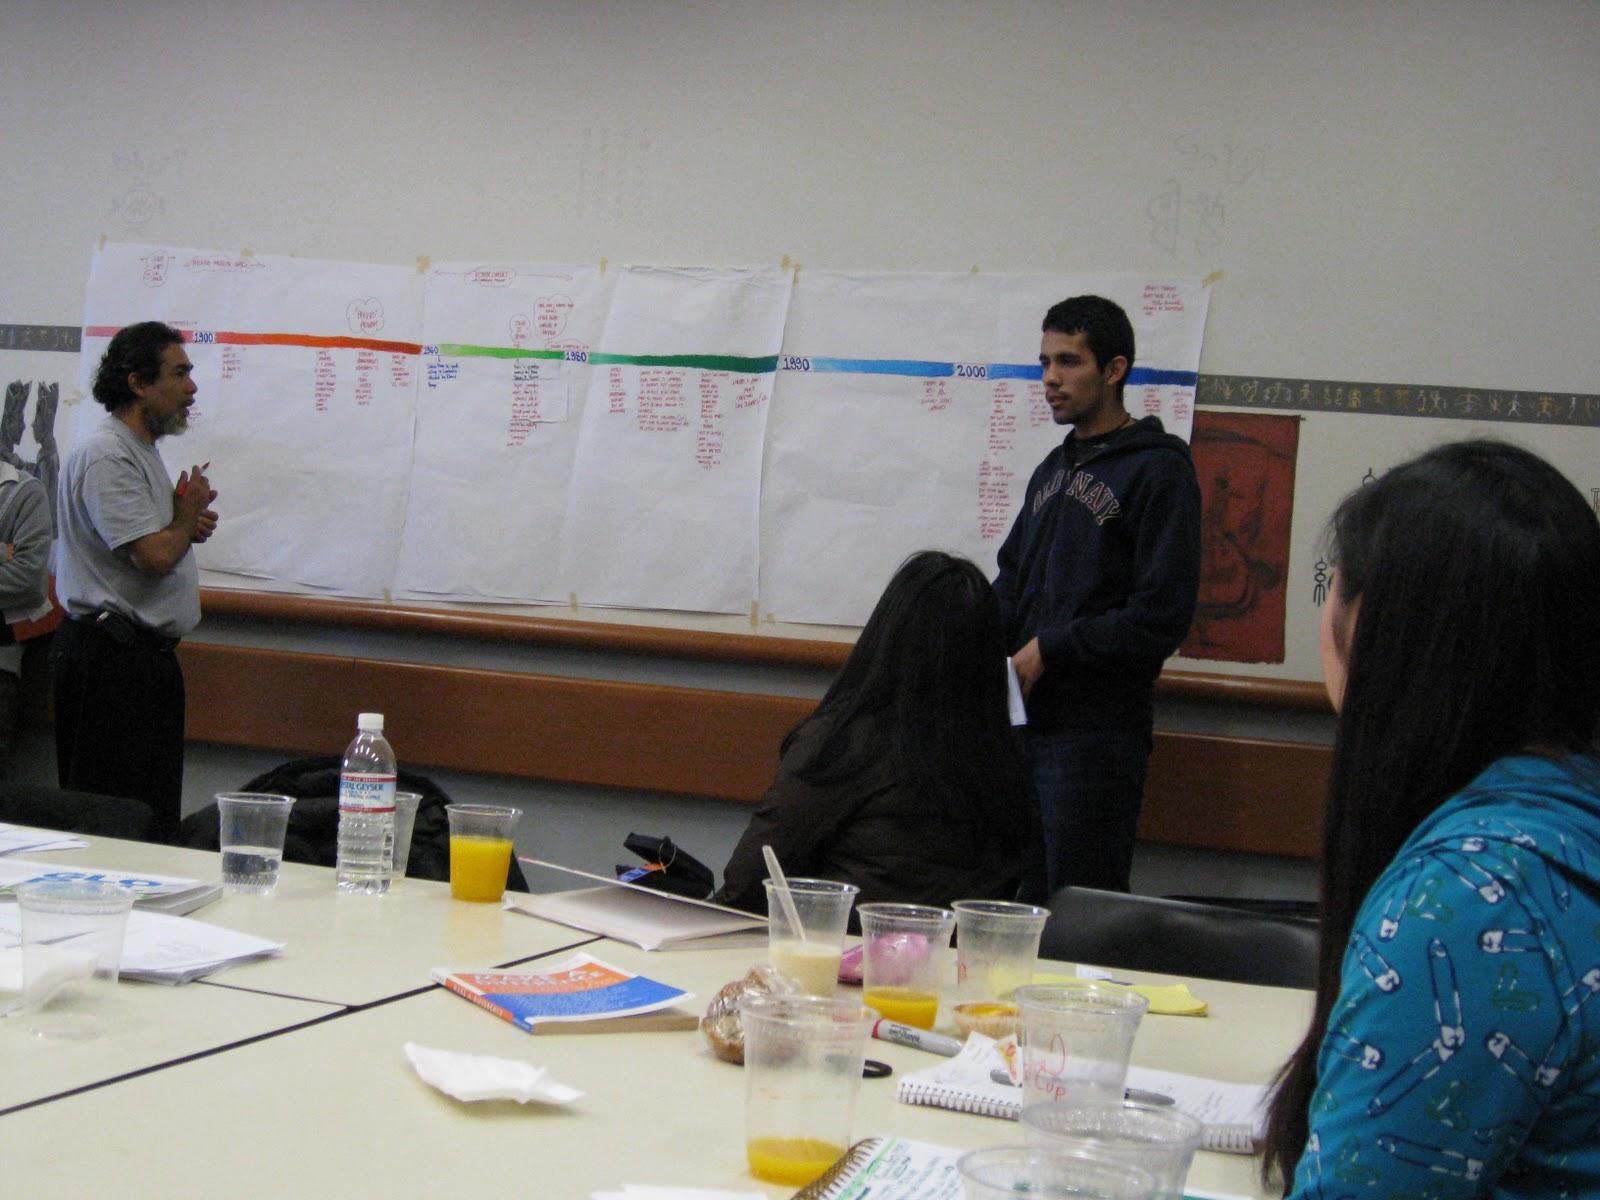 michael d james popular education 2 0 2010 michael d james popular education 2 0